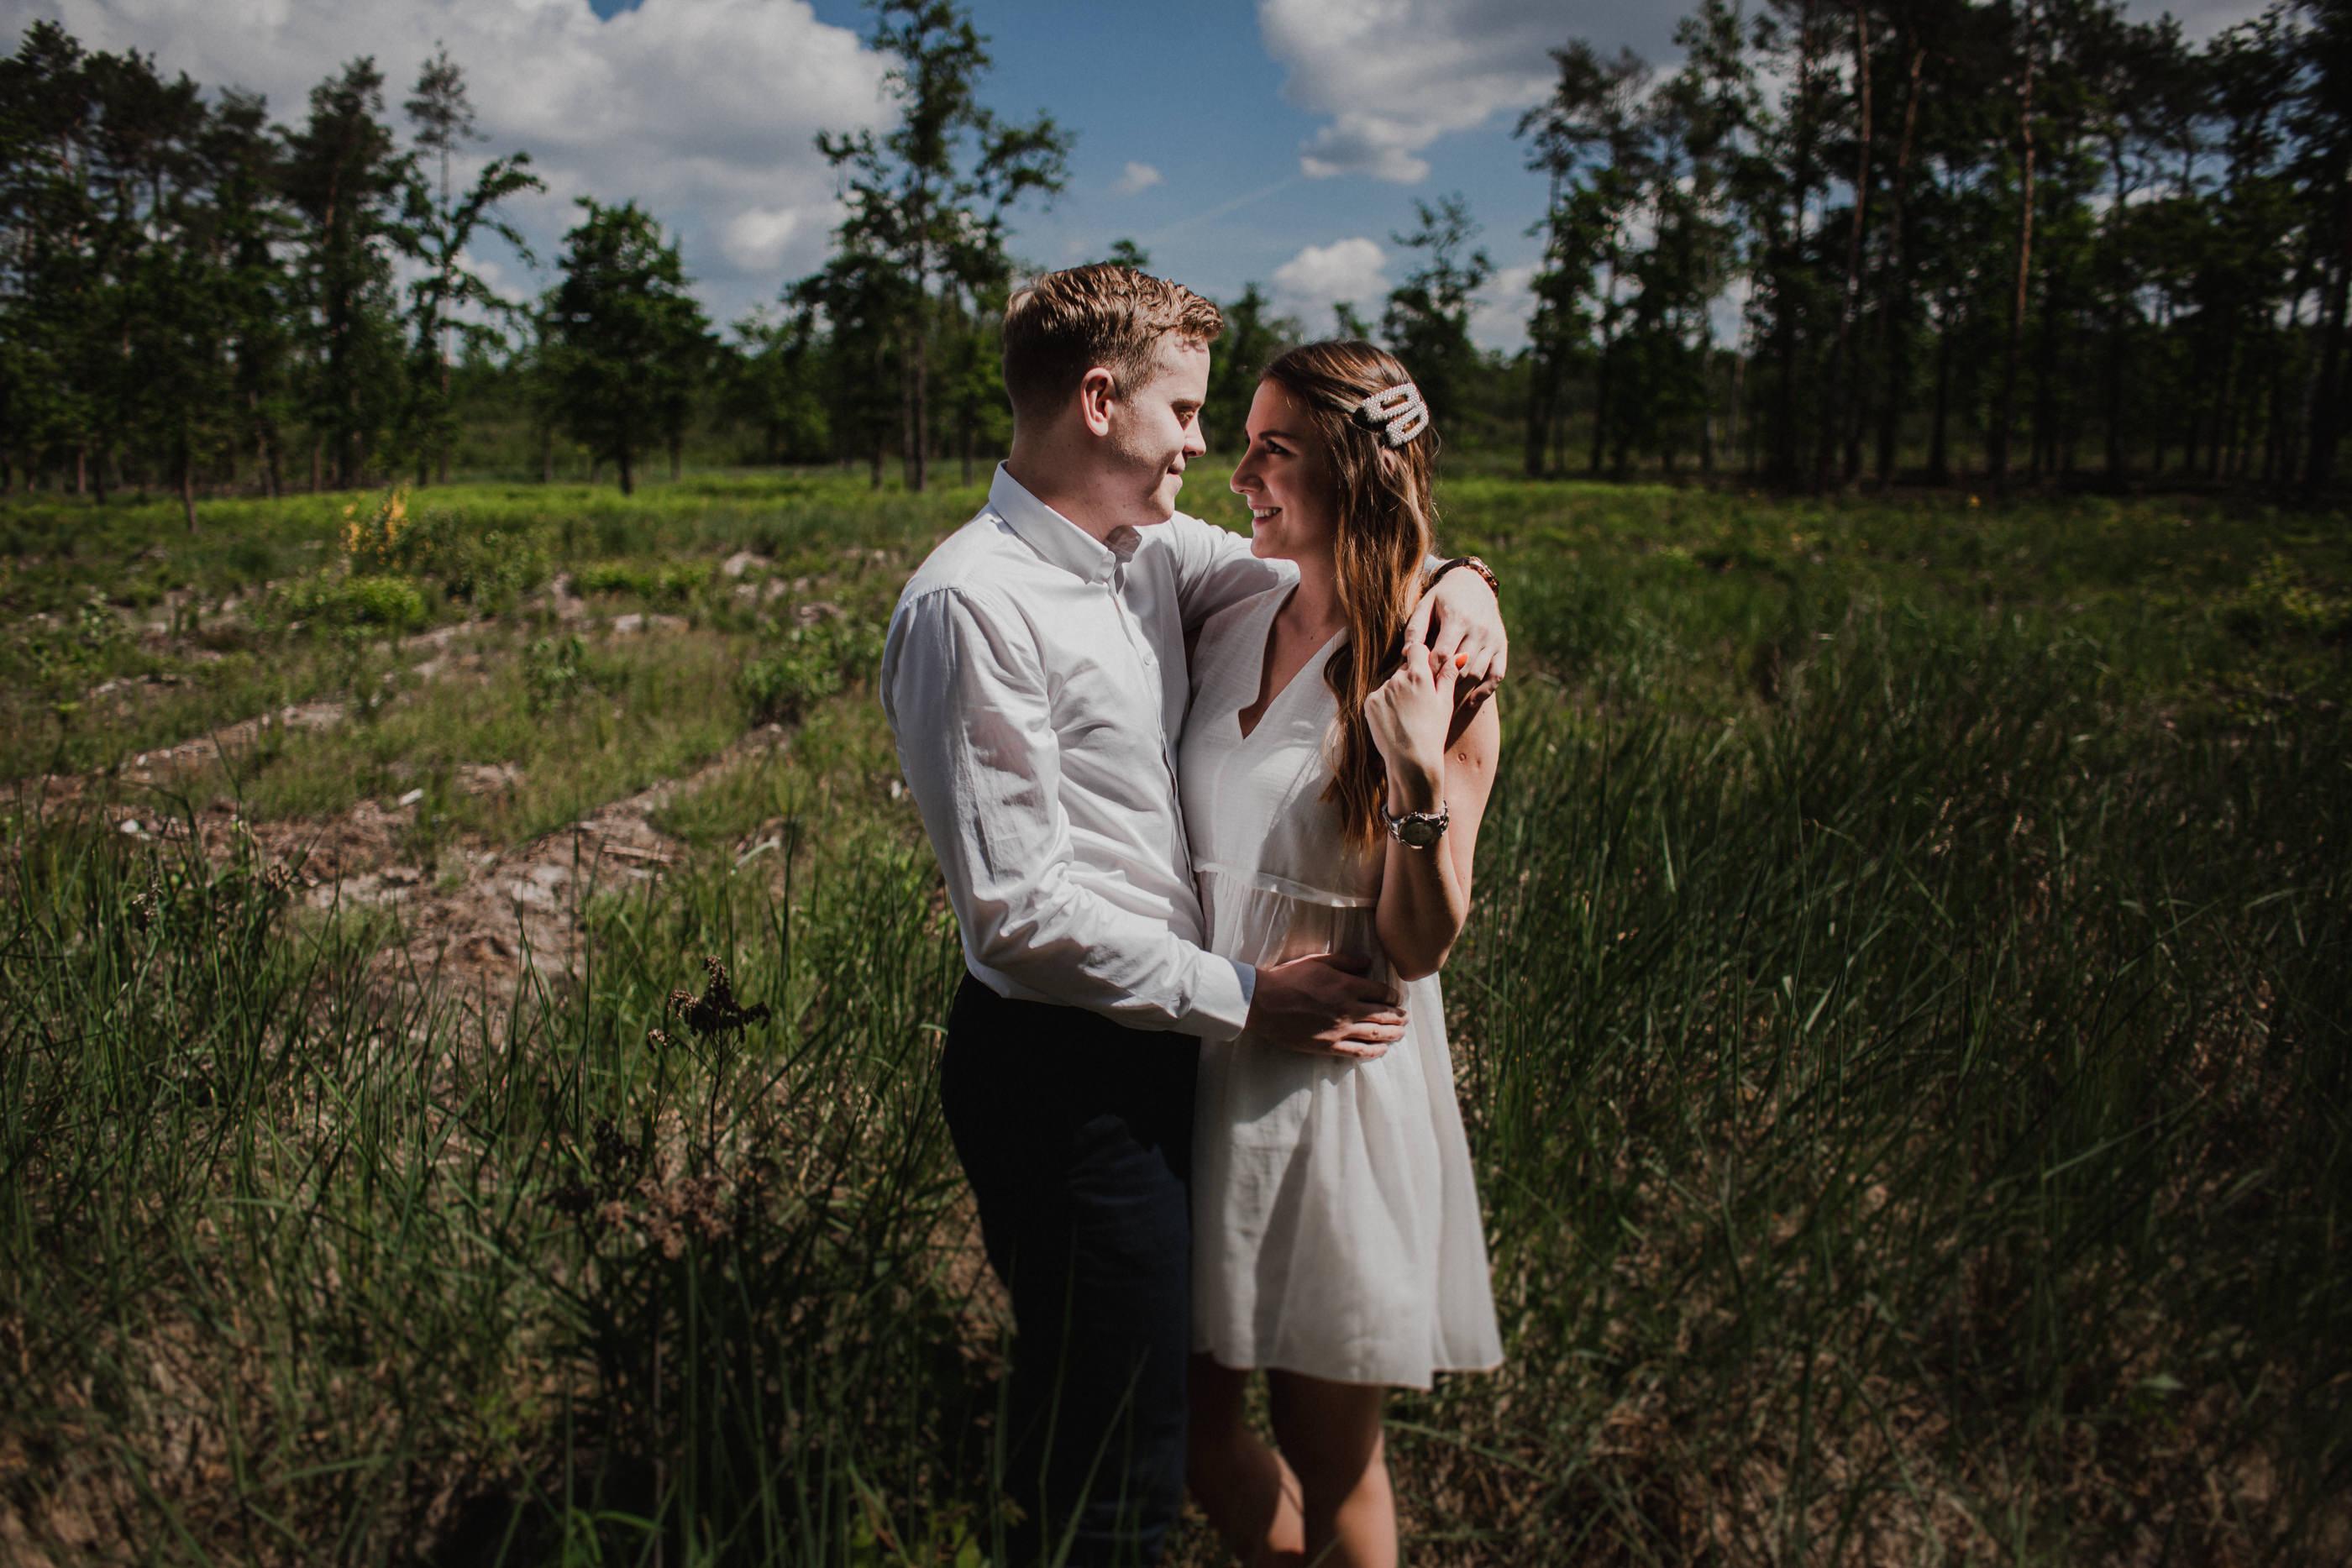 Krótka historia o miłości - Sesja narzeczeńska w lesie